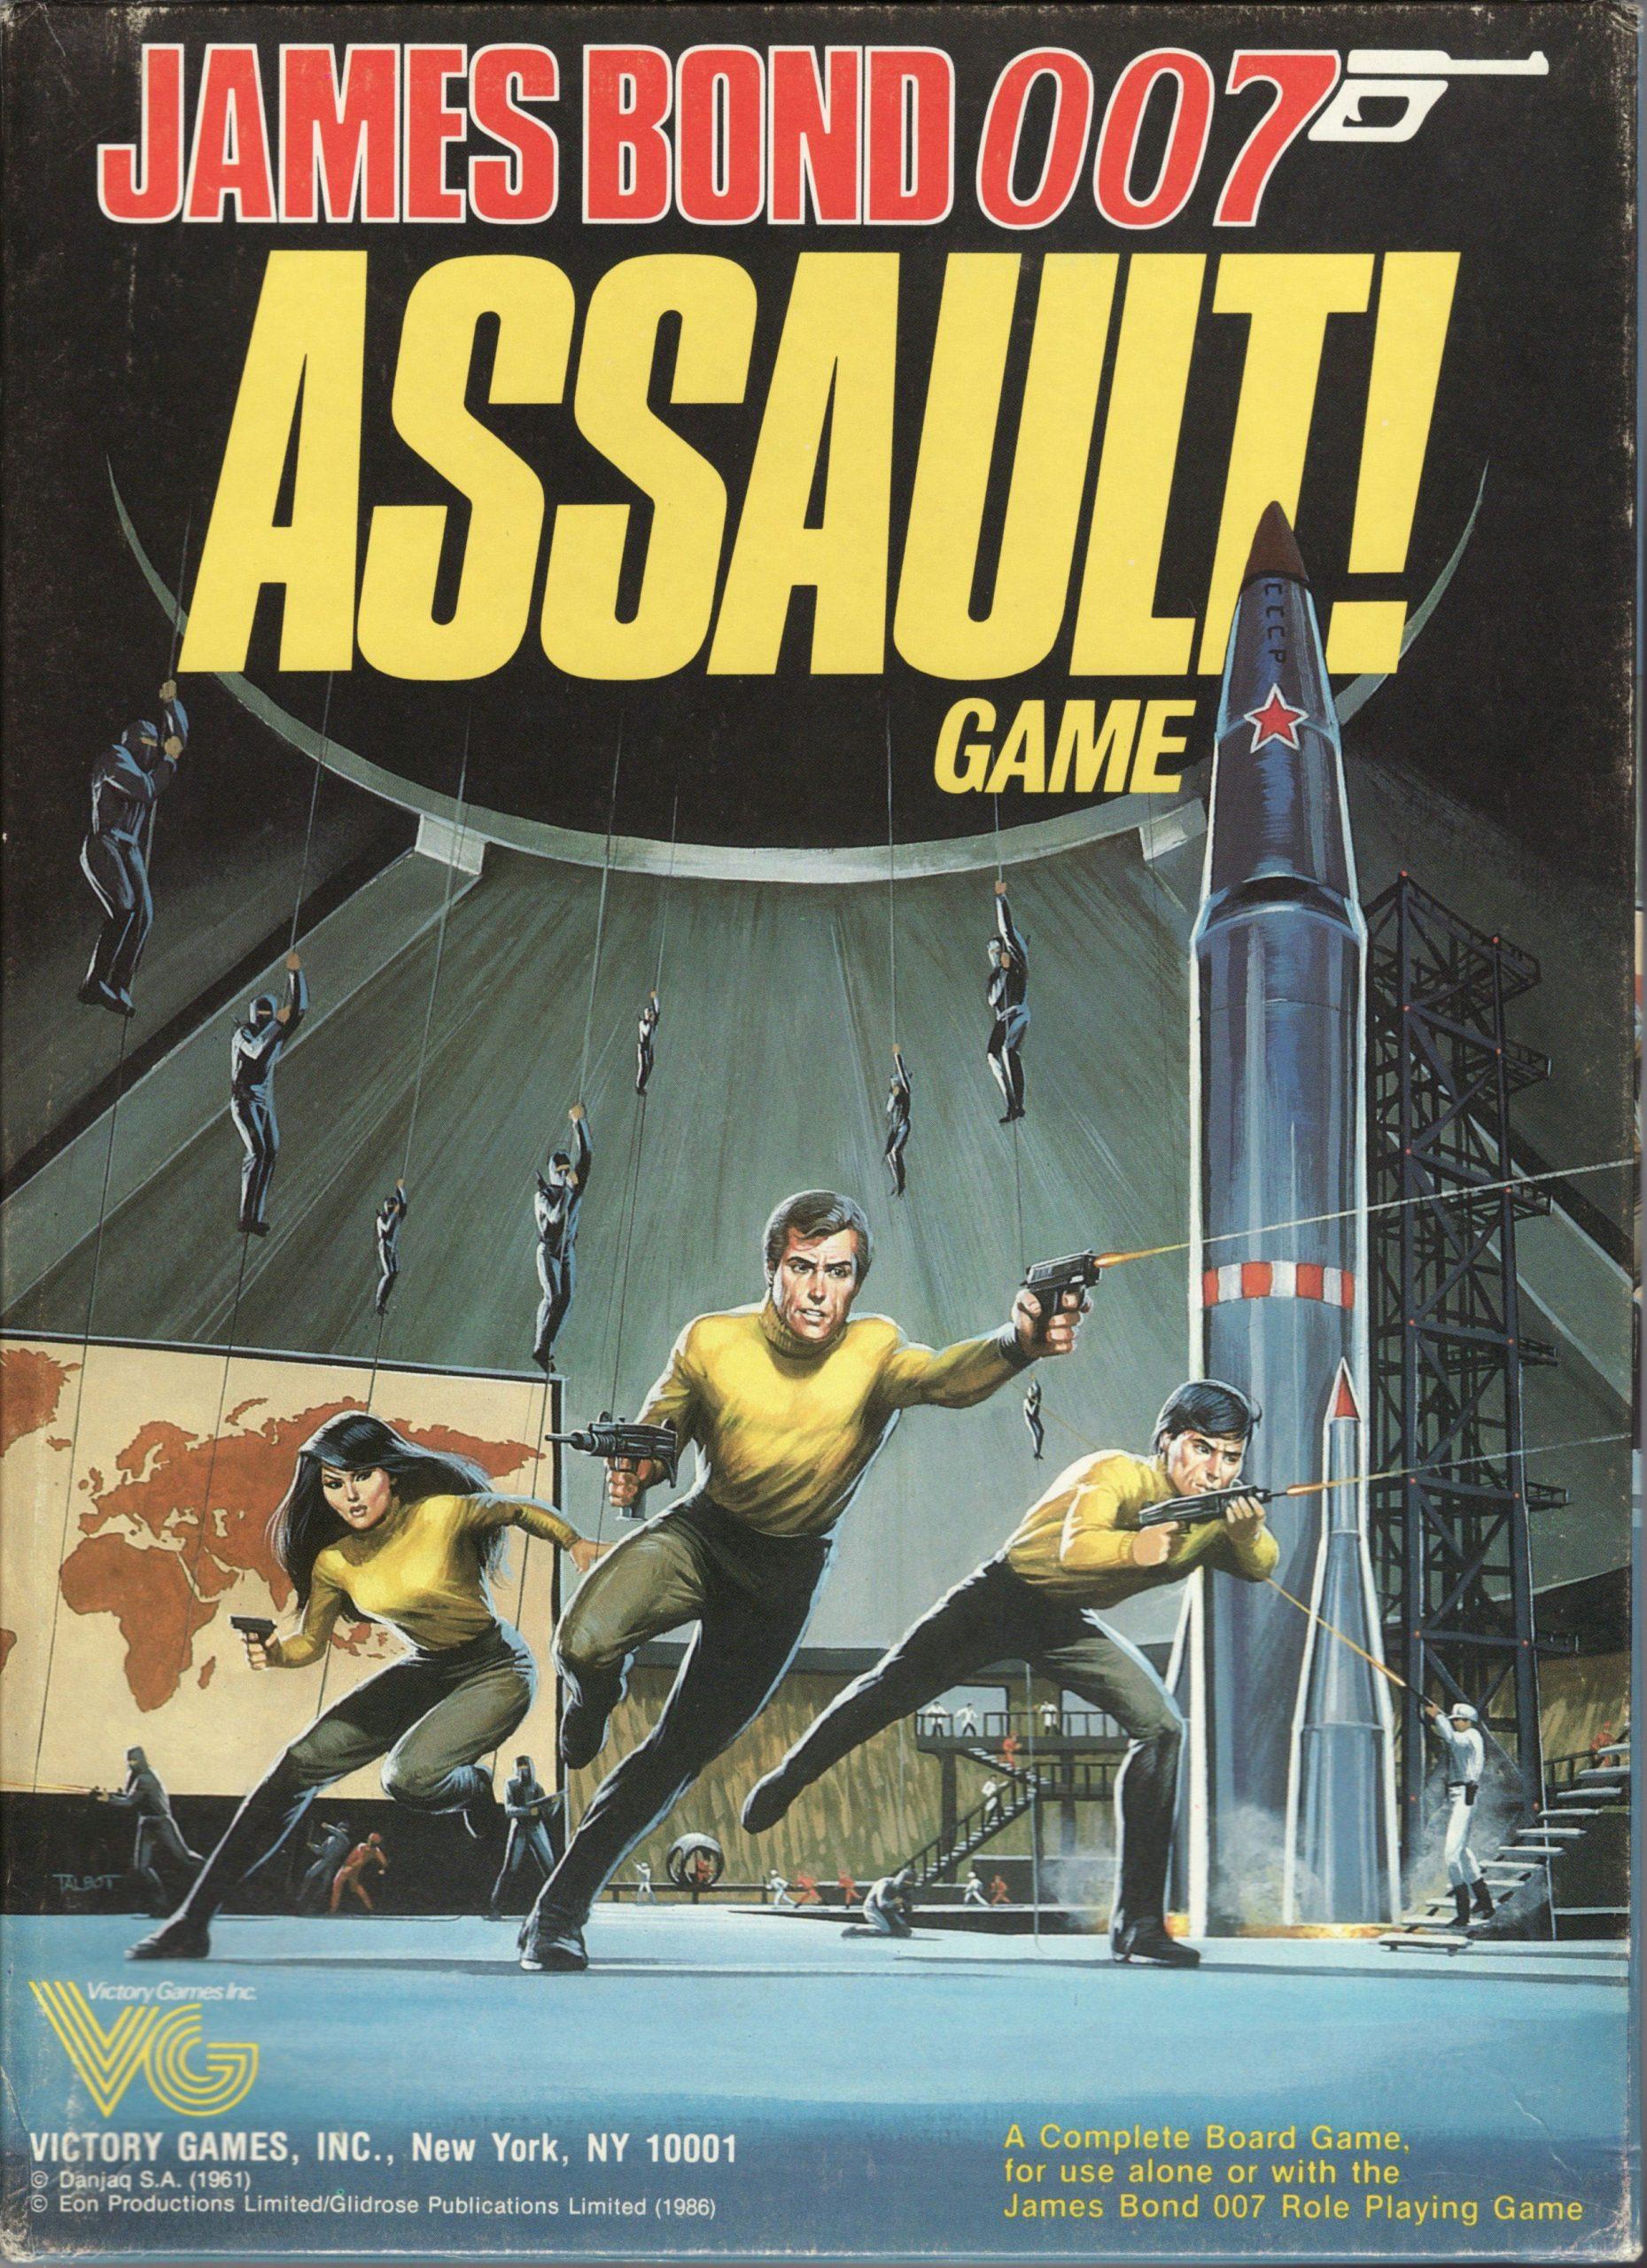 настольная игра James Bond 007 Assault! Game Джеймс Бонд 007 Нападение! Игра